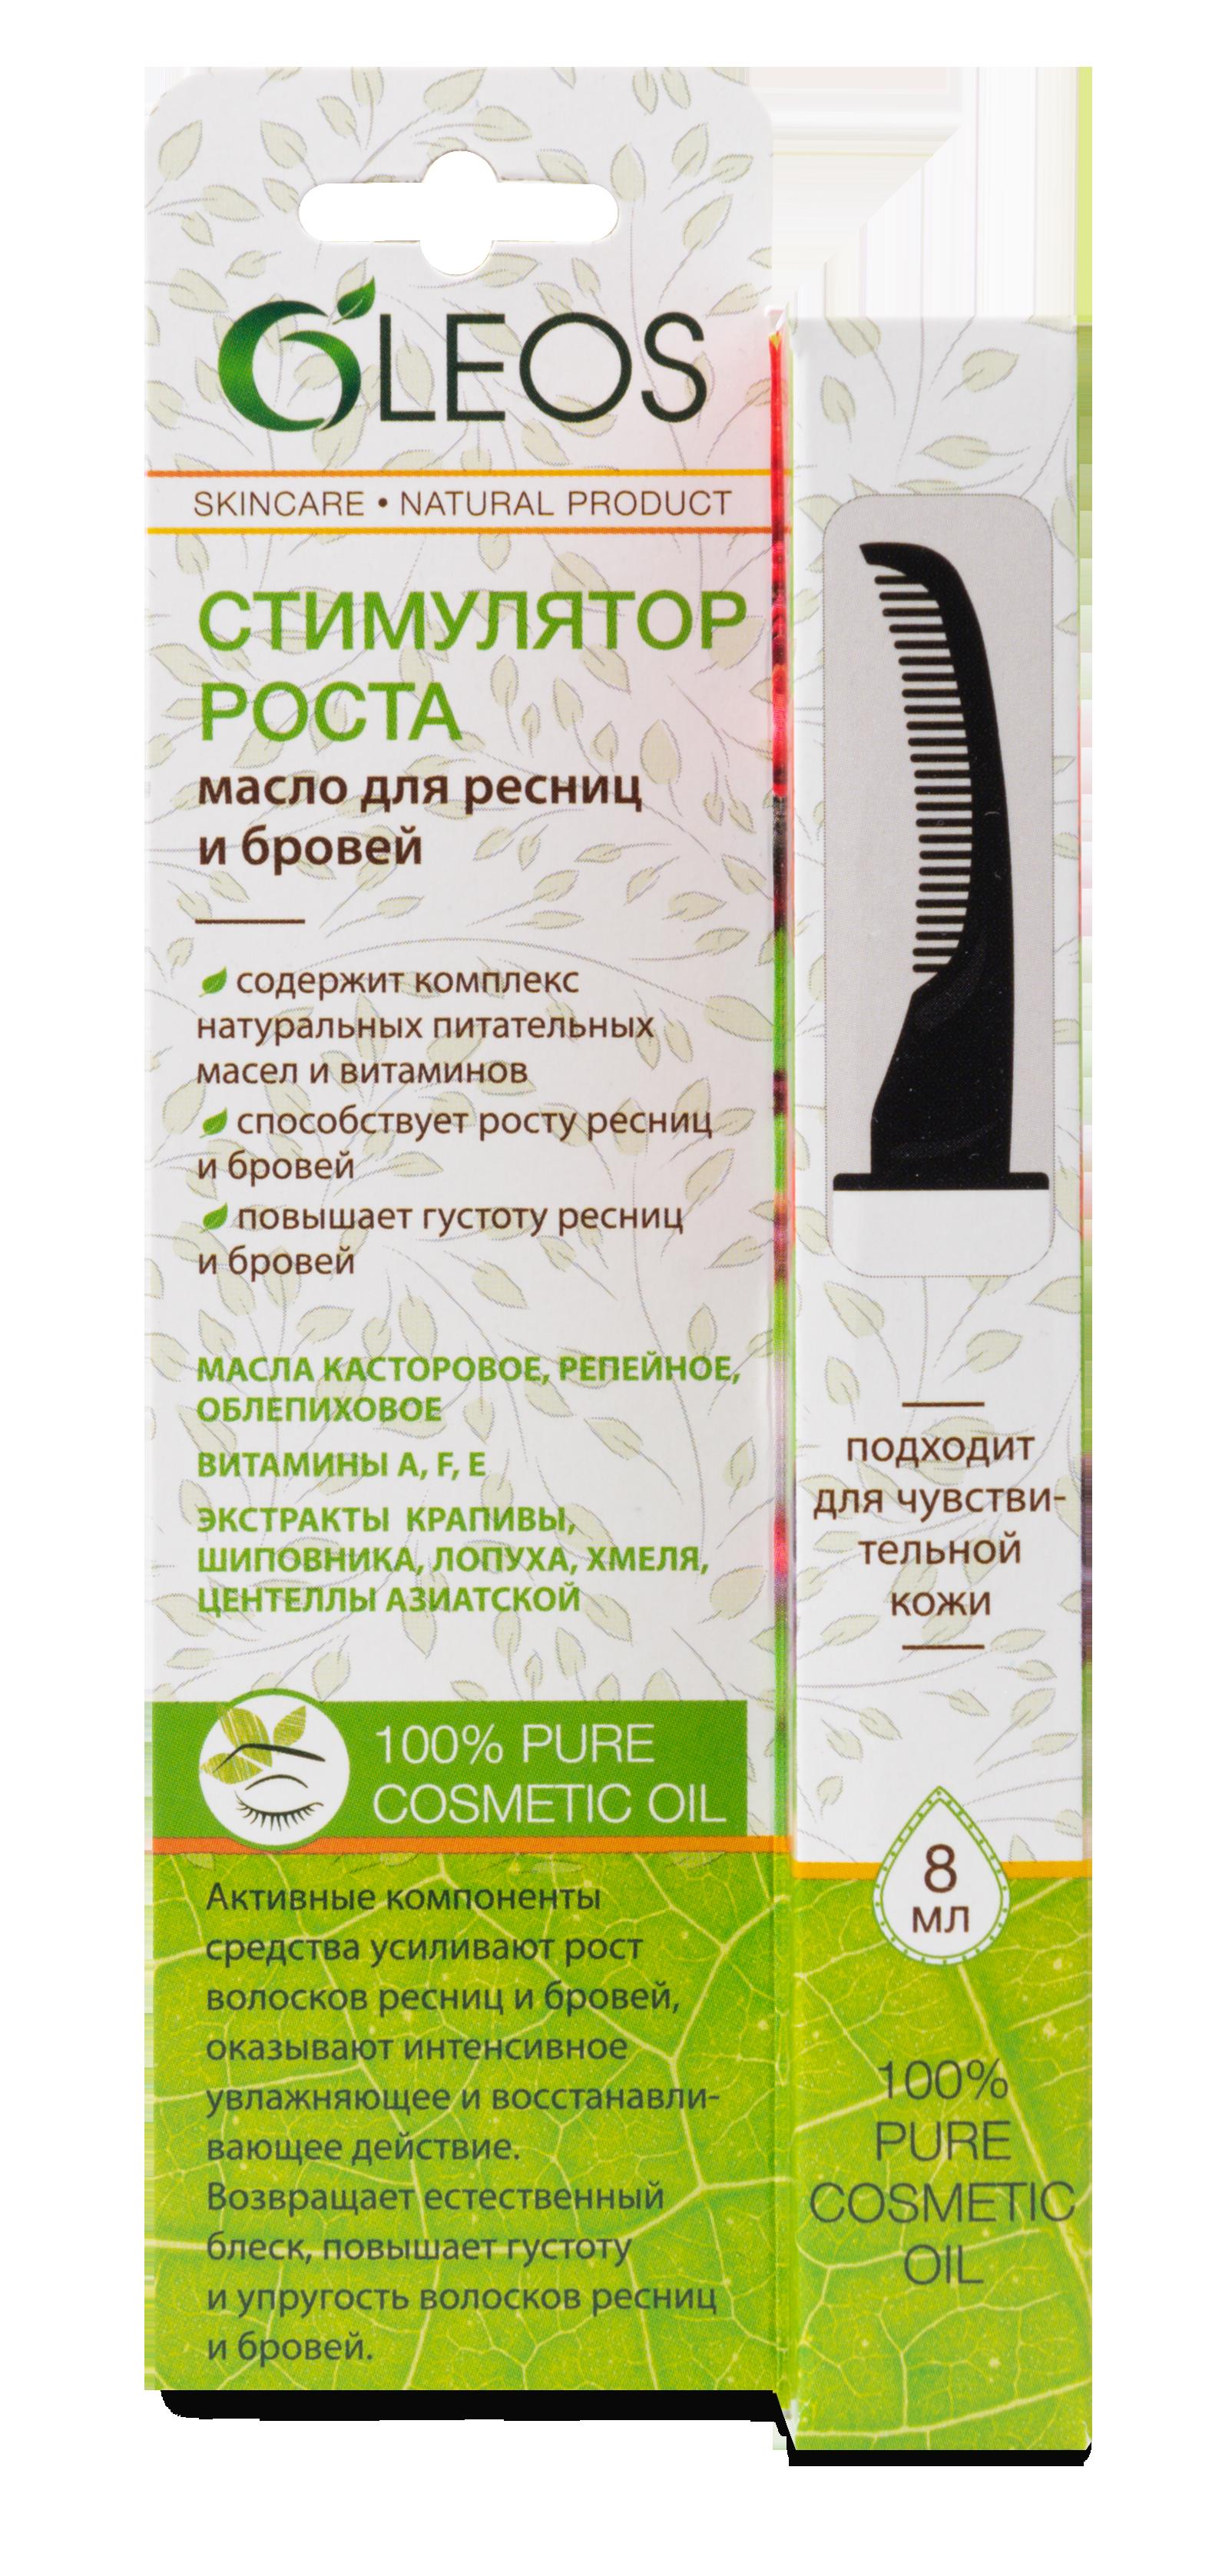 Масло для ресниц и бровей Стимулятор роста 8 мл